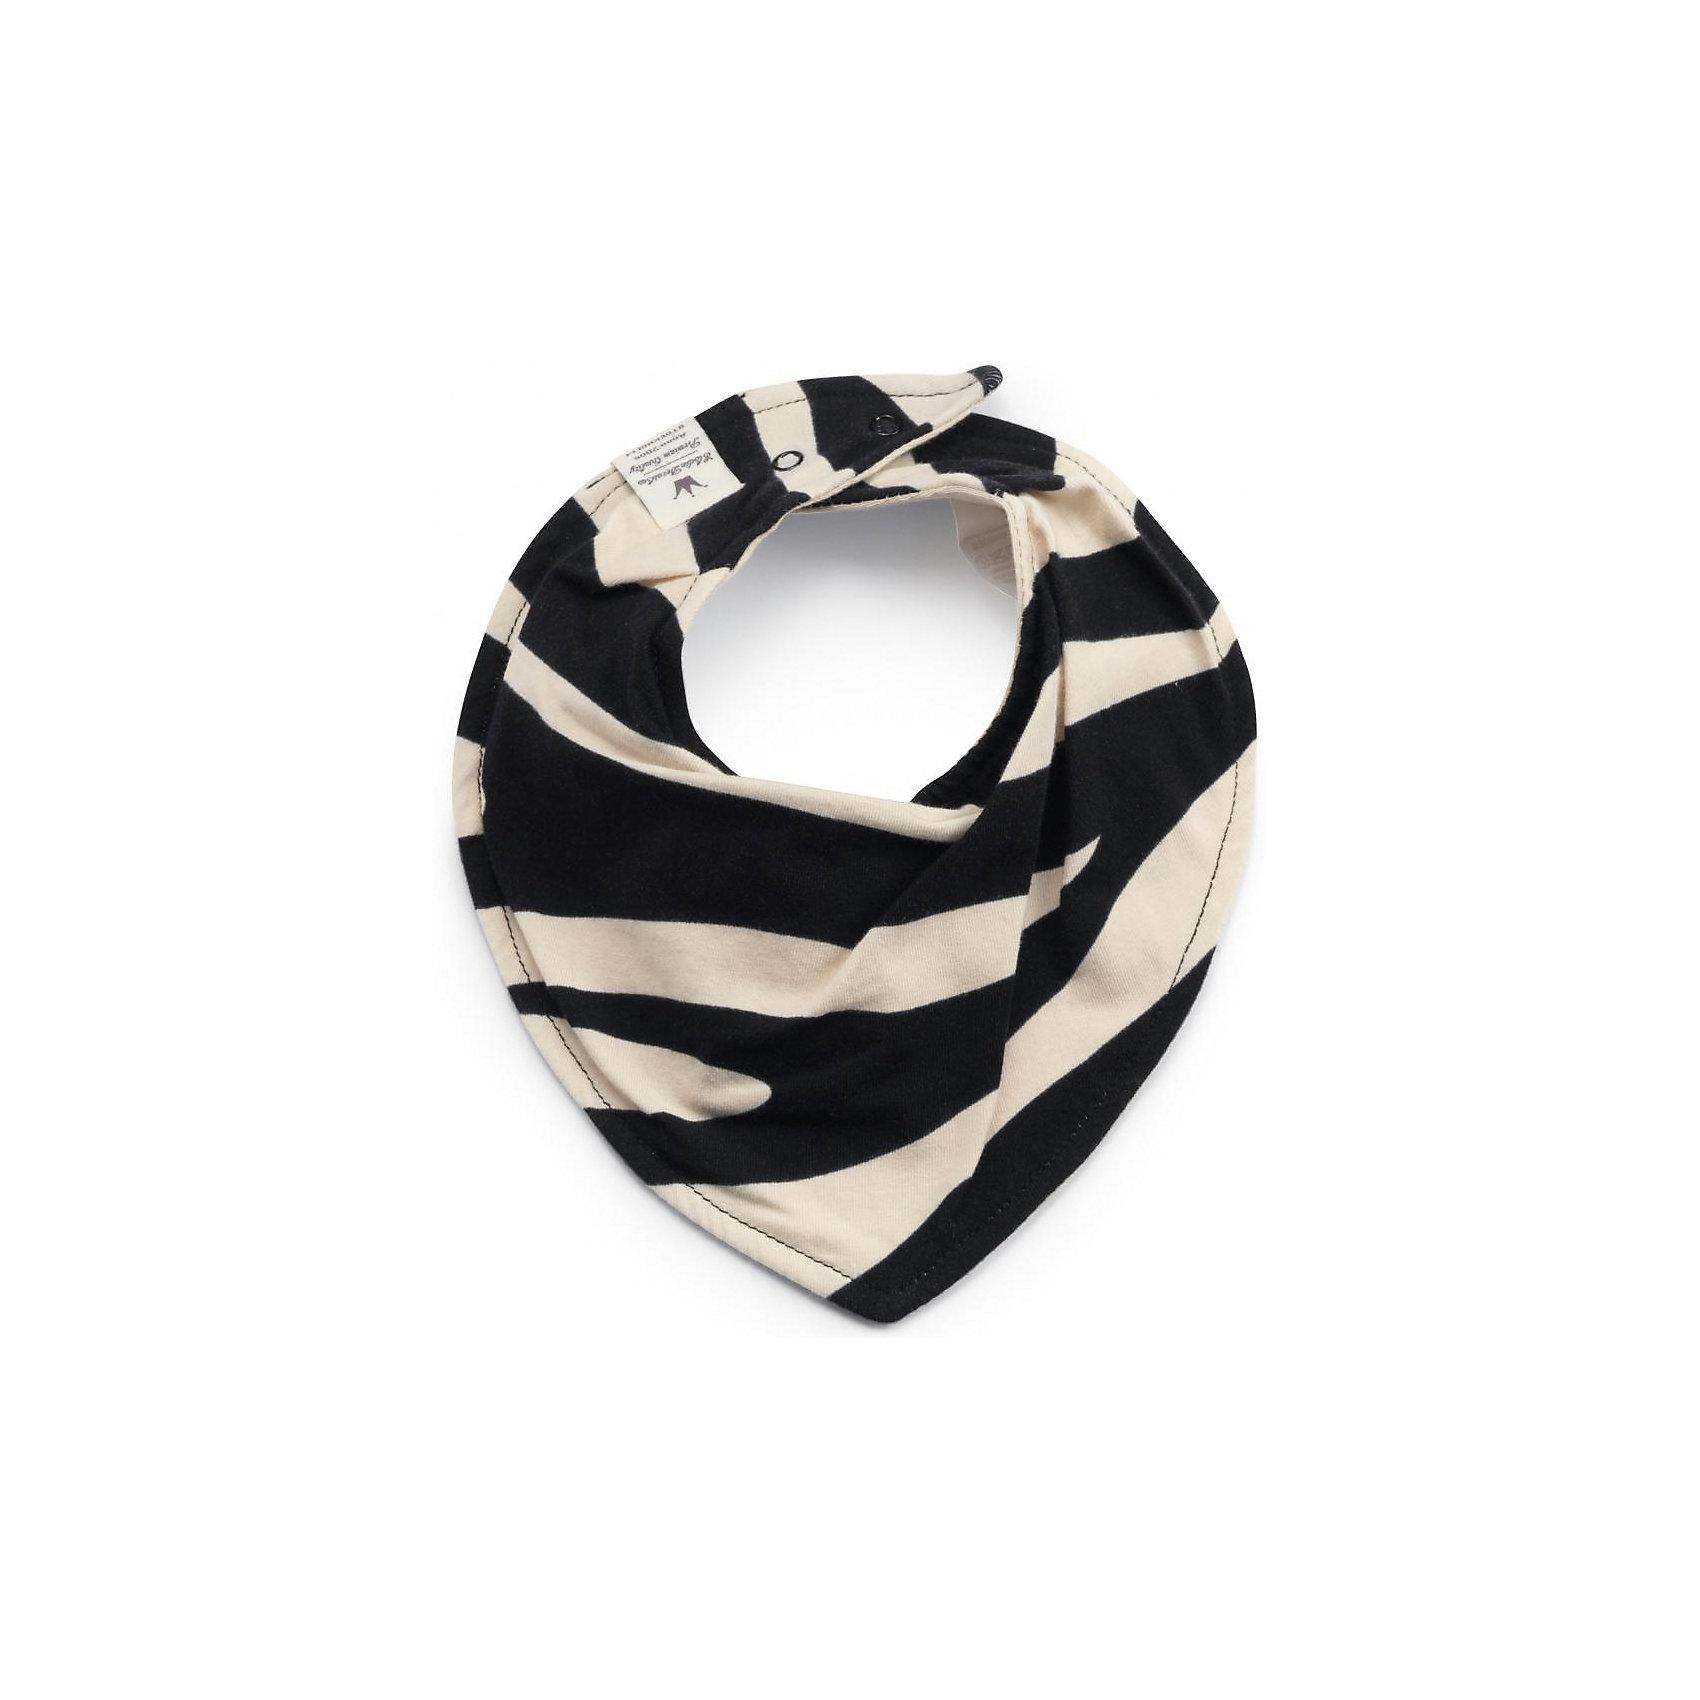 Нагрудник трикотажный Zebra Sunshine, Elodie DetailsНагрудник трикотажный Zebra Sunshine, Elodie Details (Элоди Дитейлс)<br><br>Характеристики:<br><br>• хорошо впитывает влагу<br>• двойной трикотажный слой с мембраной<br>• застегивается с помощью кнопок (2 размера)<br>• легко стирать<br>• размер: 18х21.5 см<br>• длина от горловины: 10.5 см<br>• размер упаковки: 24х19х1 см<br>• вес: 25 грамм<br>• цвет: белый/черный<br><br>Нагрудник Zebra Sunshine надежно защитит одежду ребенка от еды и жидкости. Нагрудник имеет 2 впитывающих слоя из хлопка и мембрану, которая обладает водоотталкивающими свойствами. Размер горловины можно регулировать с помощью двух кнопок. Нагрудник легко стирать в машинке. Zebra Sunshine создан, чтобы облегчить жизнь мамочке!<br><br>Нагрудник трикотажный Zebra Sunshine, Elodie Details (Элоди Дитейлс) вы можете купить в нашем интернет-магазине.<br><br>Ширина мм: 240<br>Глубина мм: 190<br>Высота мм: 2<br>Вес г: 25<br>Возраст от месяцев: 0<br>Возраст до месяцев: 36<br>Пол: Унисекс<br>Возраст: Детский<br>SKU: 4966089